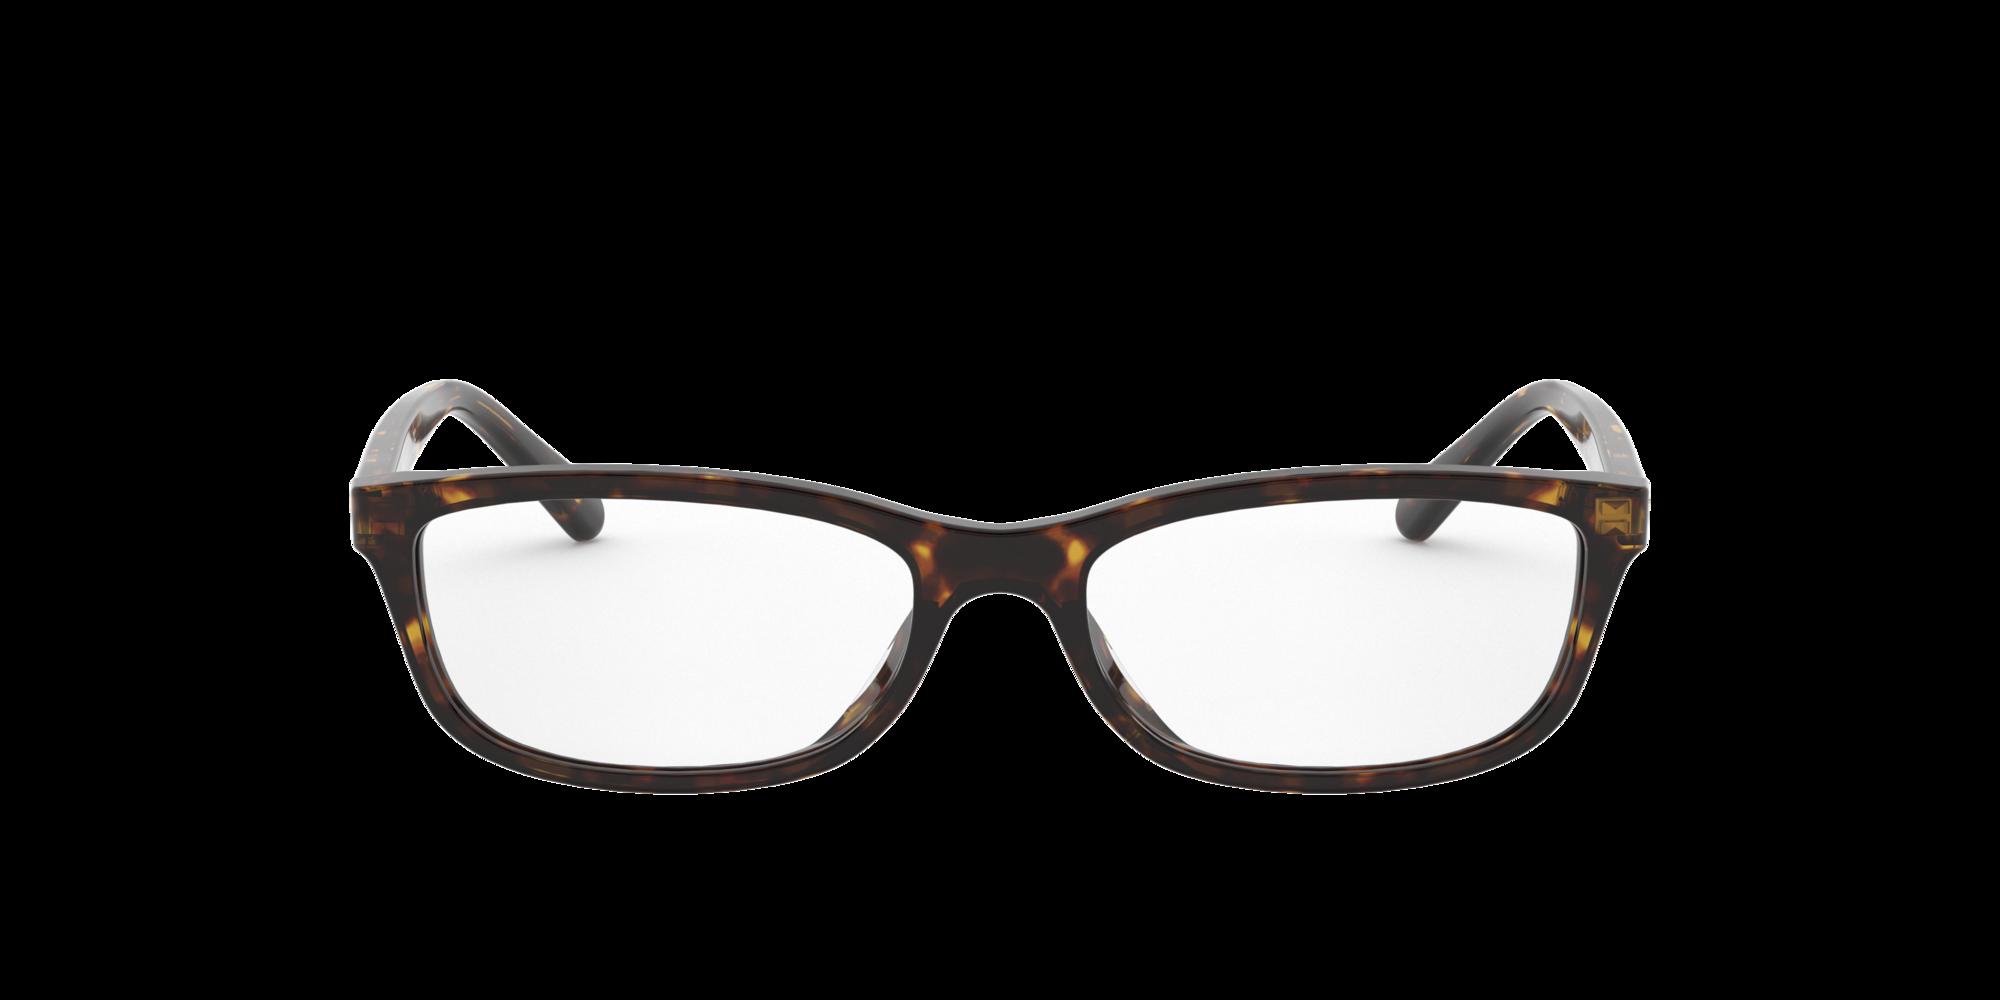 Imagen para HC6158U de LensCrafters    Espejuelos, espejuelos graduados en línea, gafas